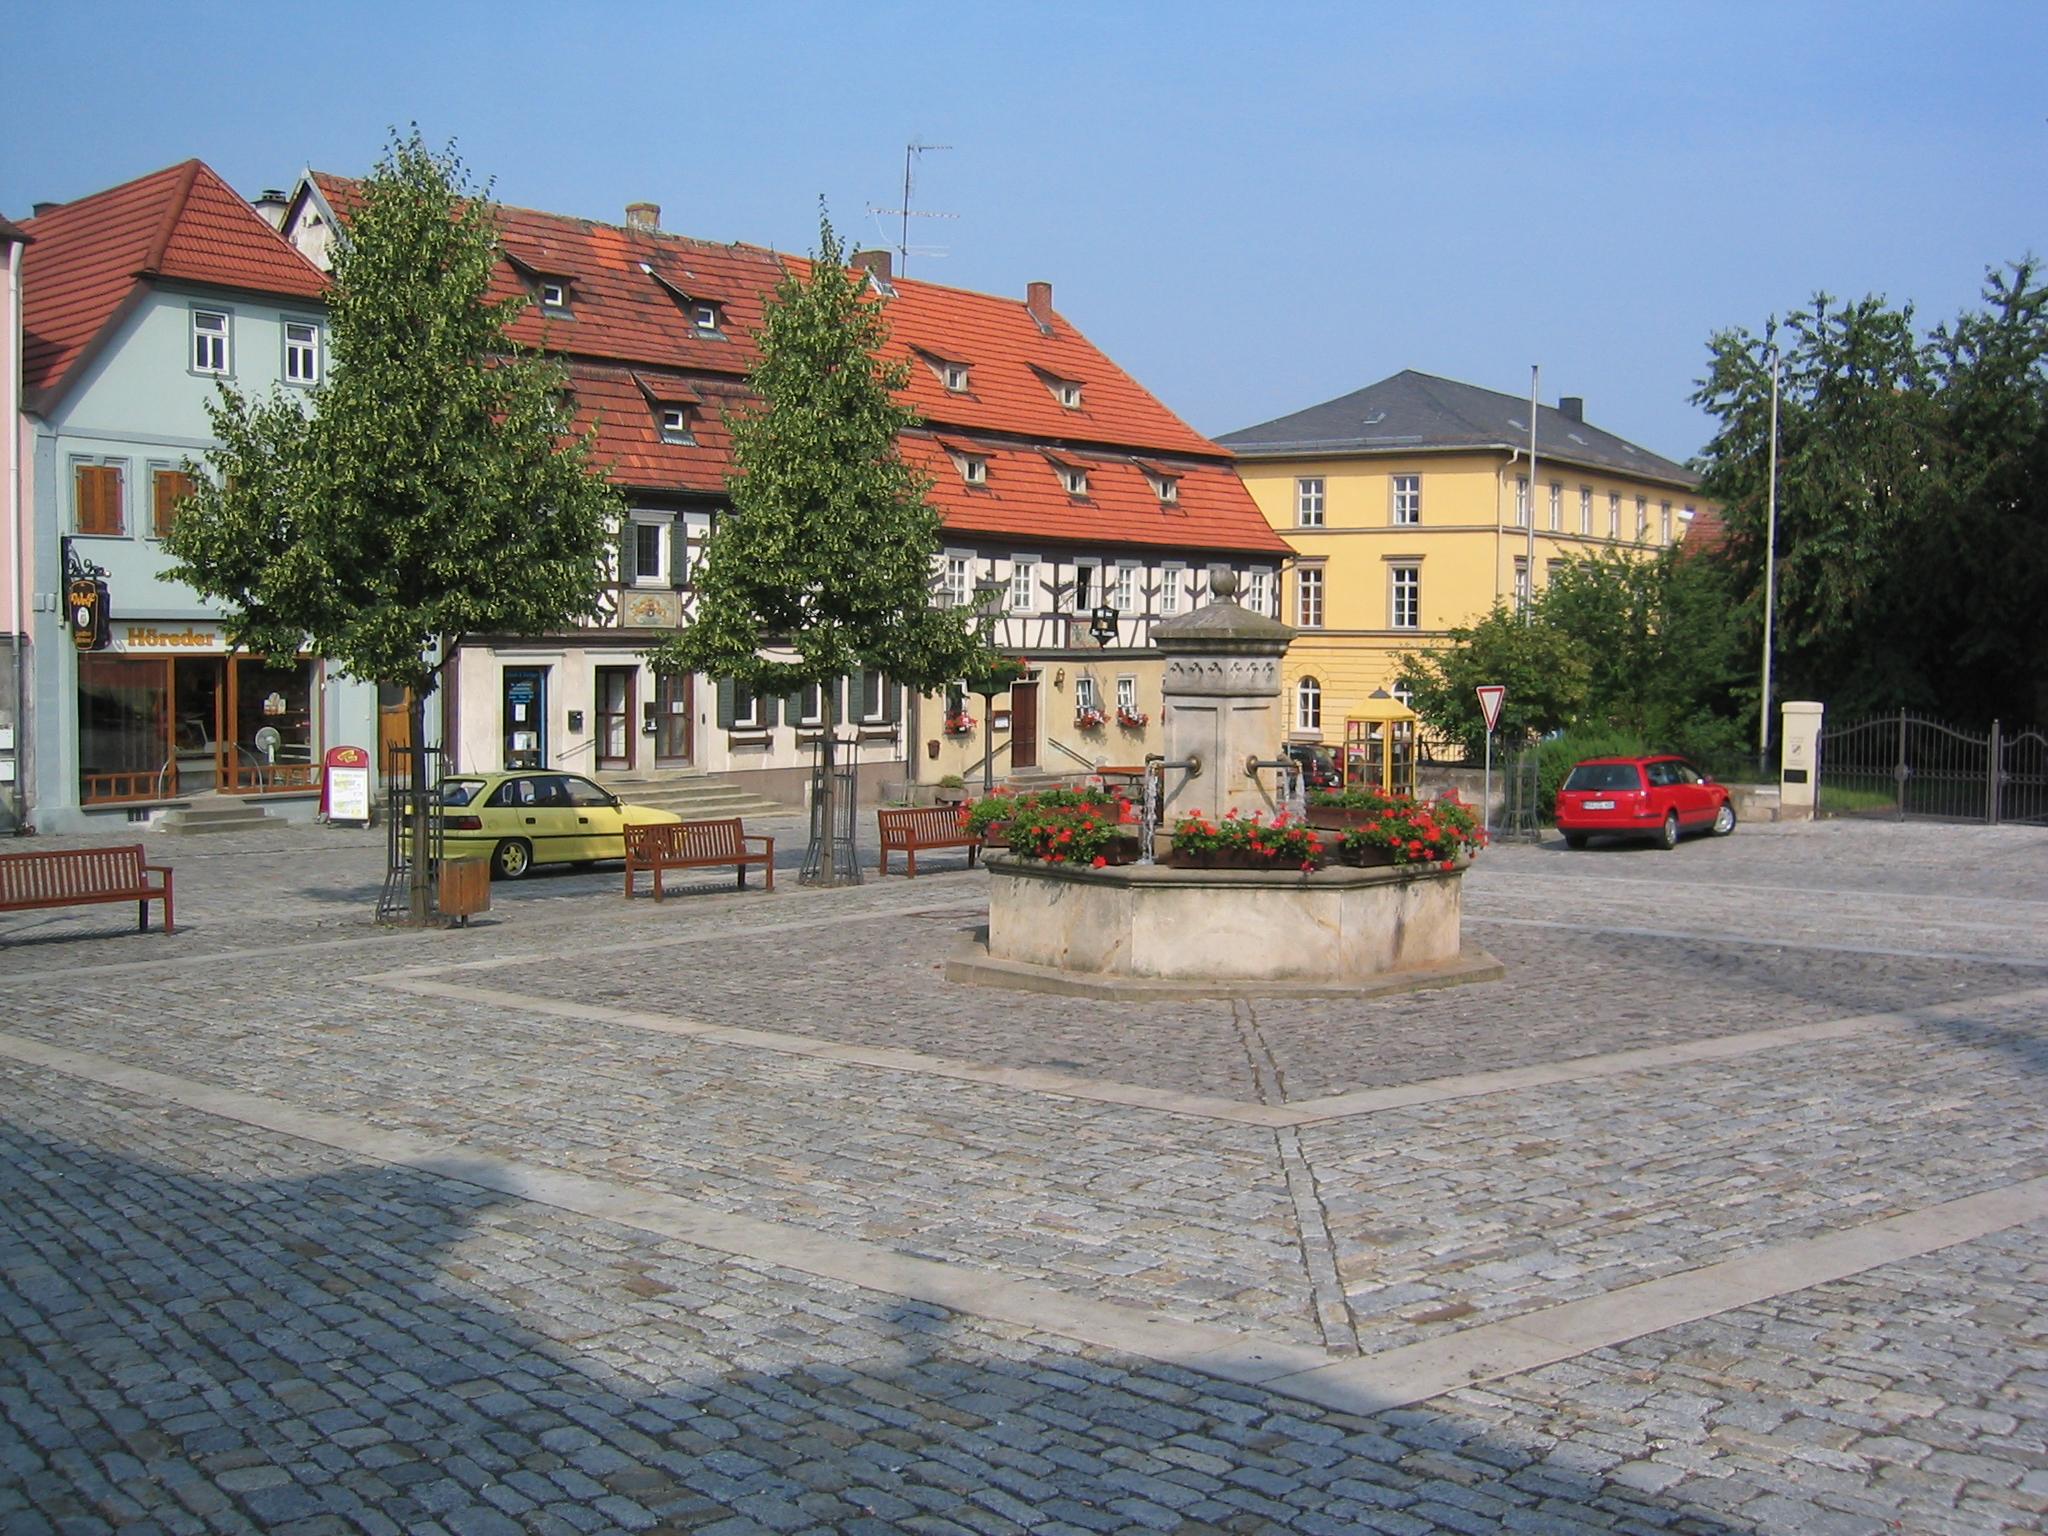 Hofheim Germany  city images : Öffentliche Einrichtungen